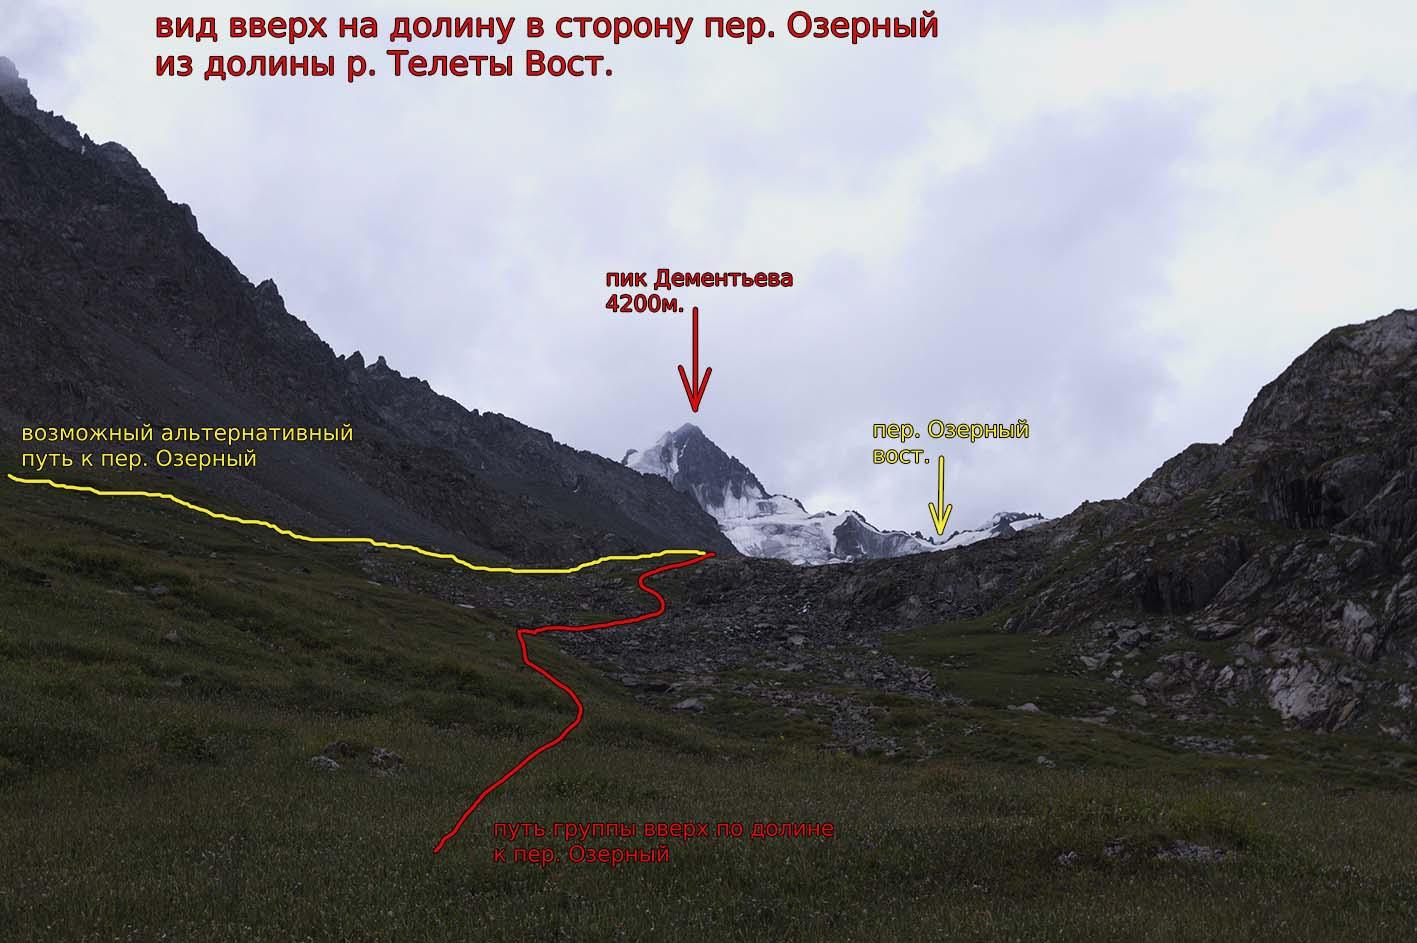 Вид вверх на долину в сторону пер. Озерный (1Б, 3700) и пик Дементьева (4200 м) из долины р. Телеты вост.